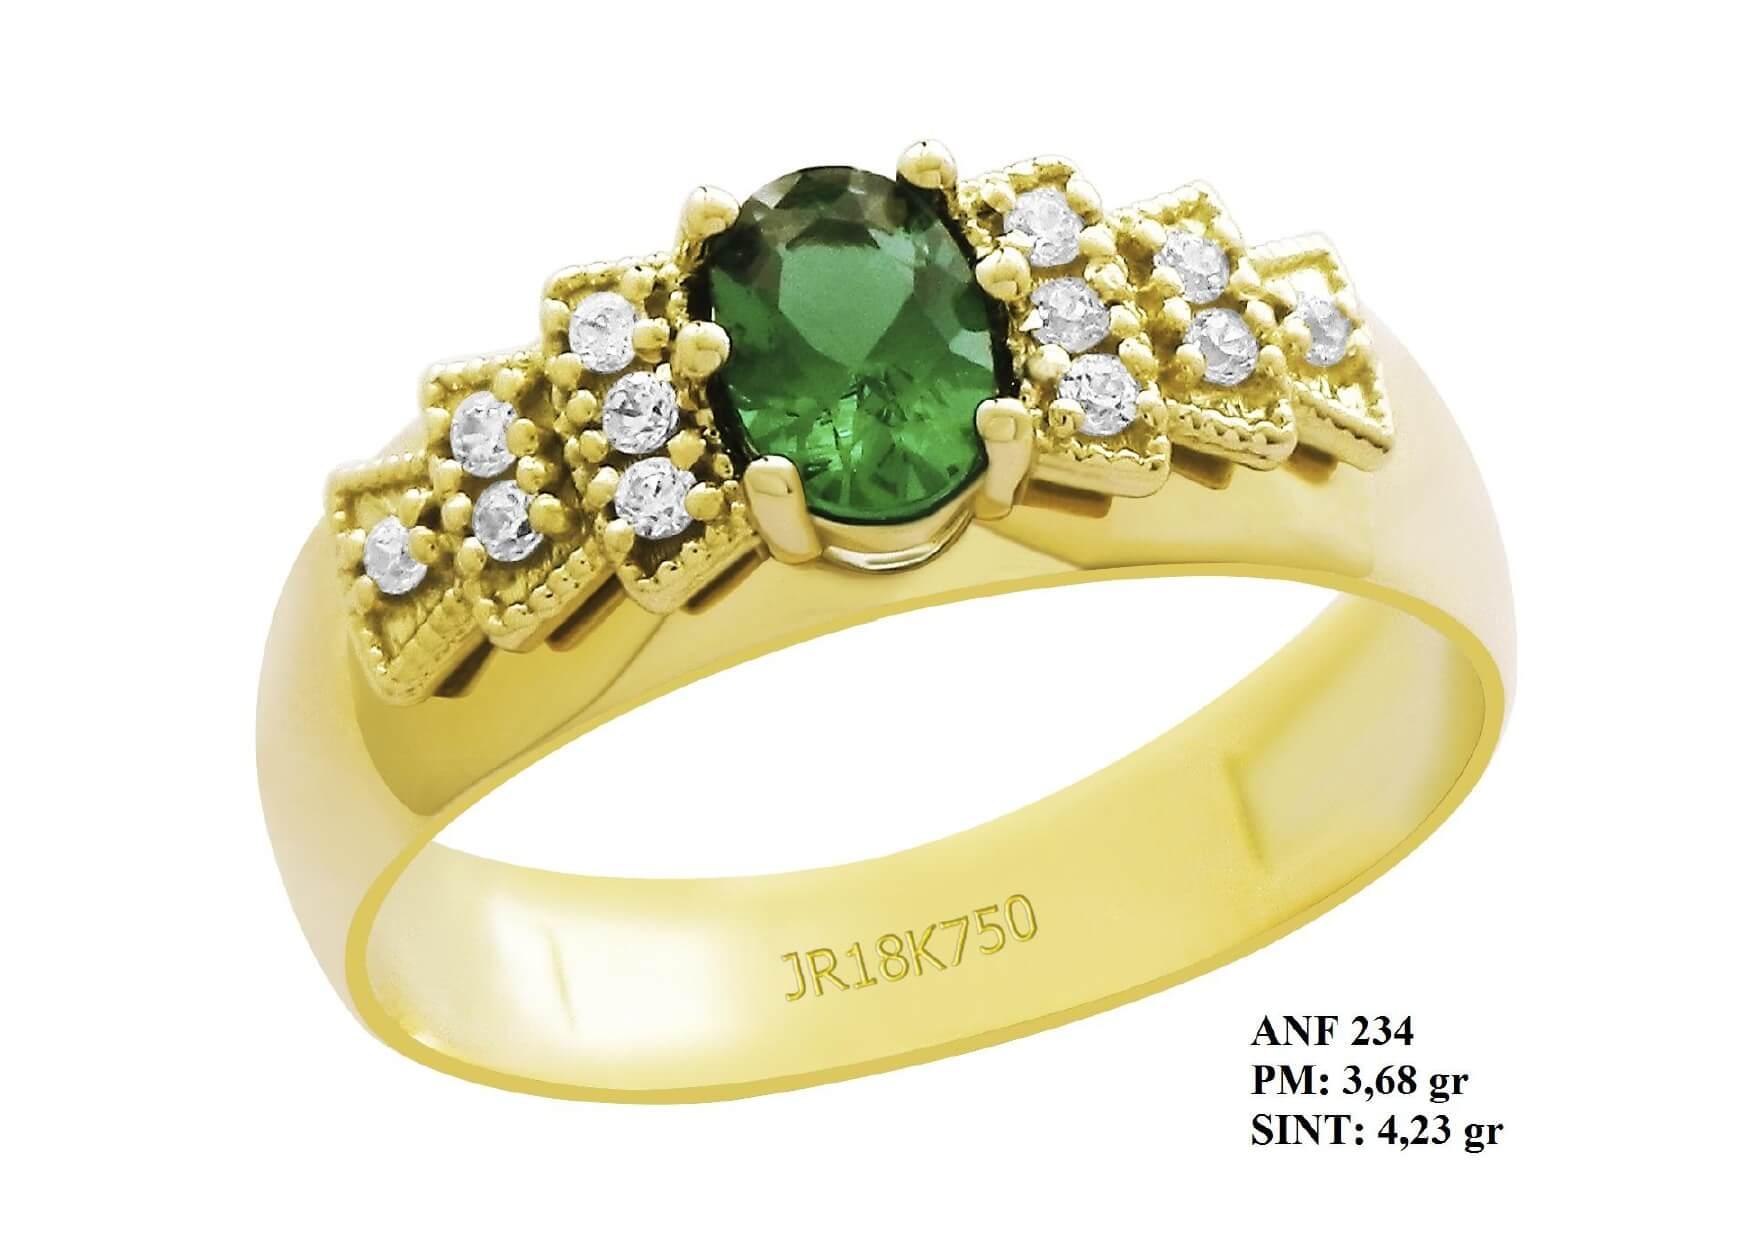 Anel de Formatura em Ouro 18k Esmeralda e Laterais Brilhantes em Zircônia